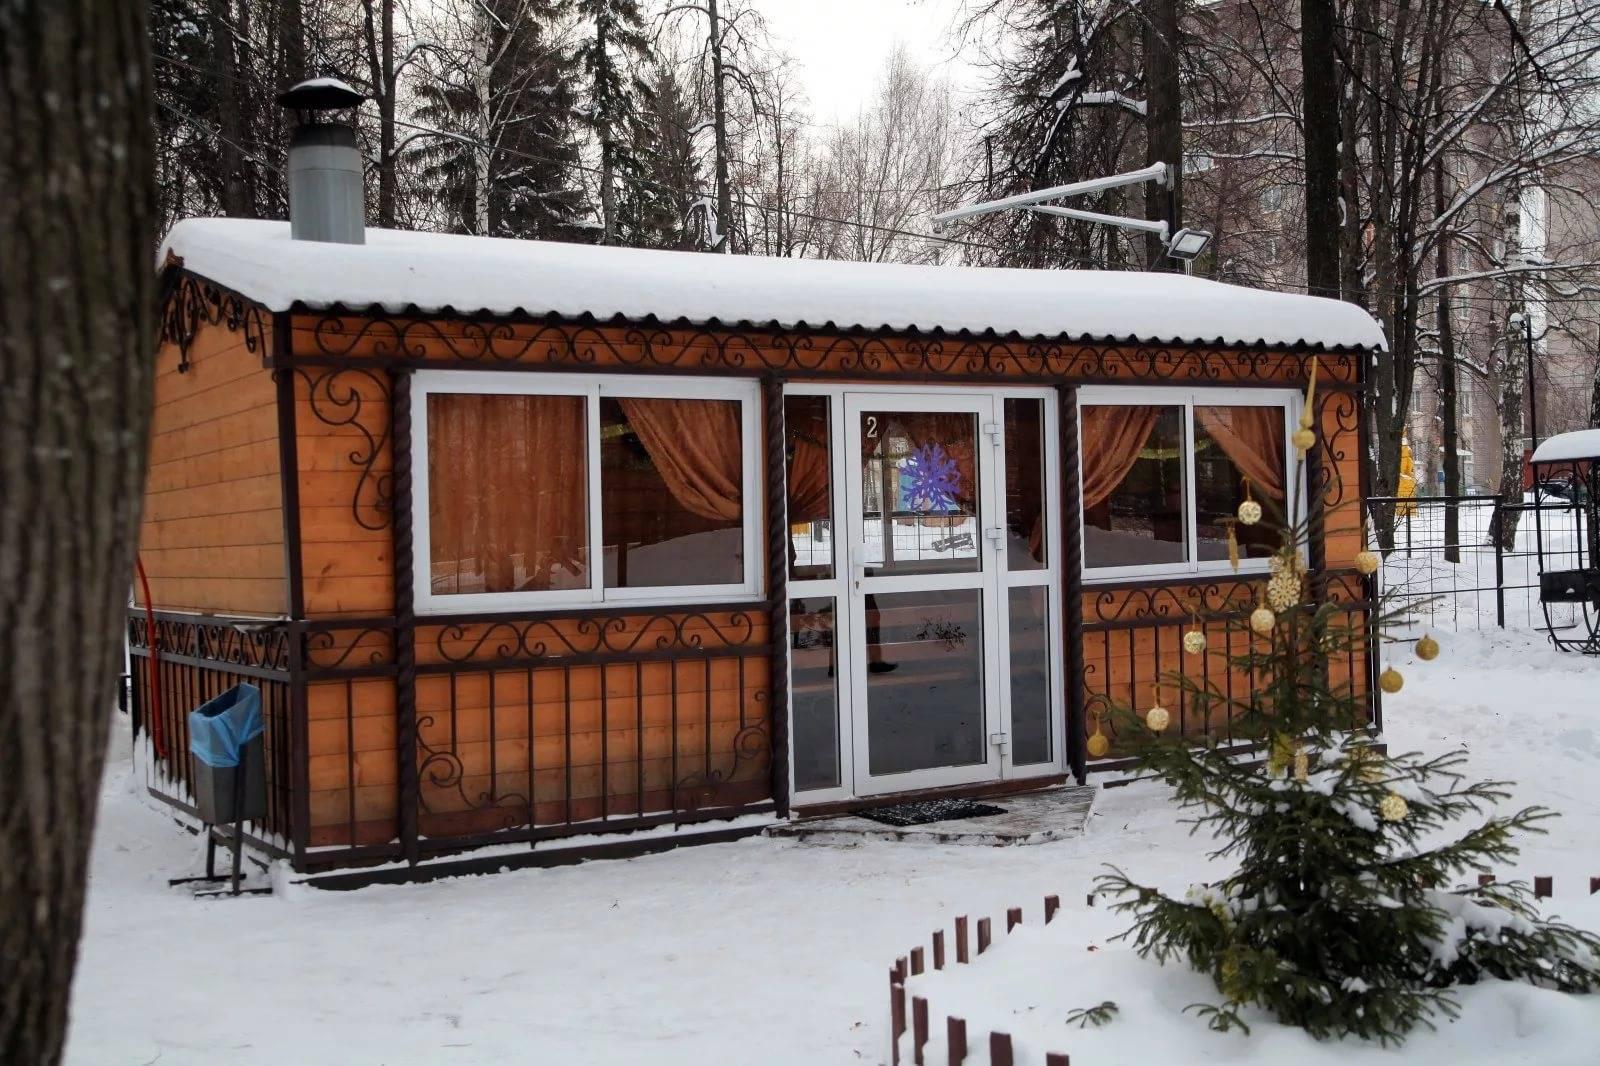 Проекты беседок с мангалом барбекю и печкой (83 фото): как обустроить закрытые зимние конструкции своими руками, варианты построек эконом класса